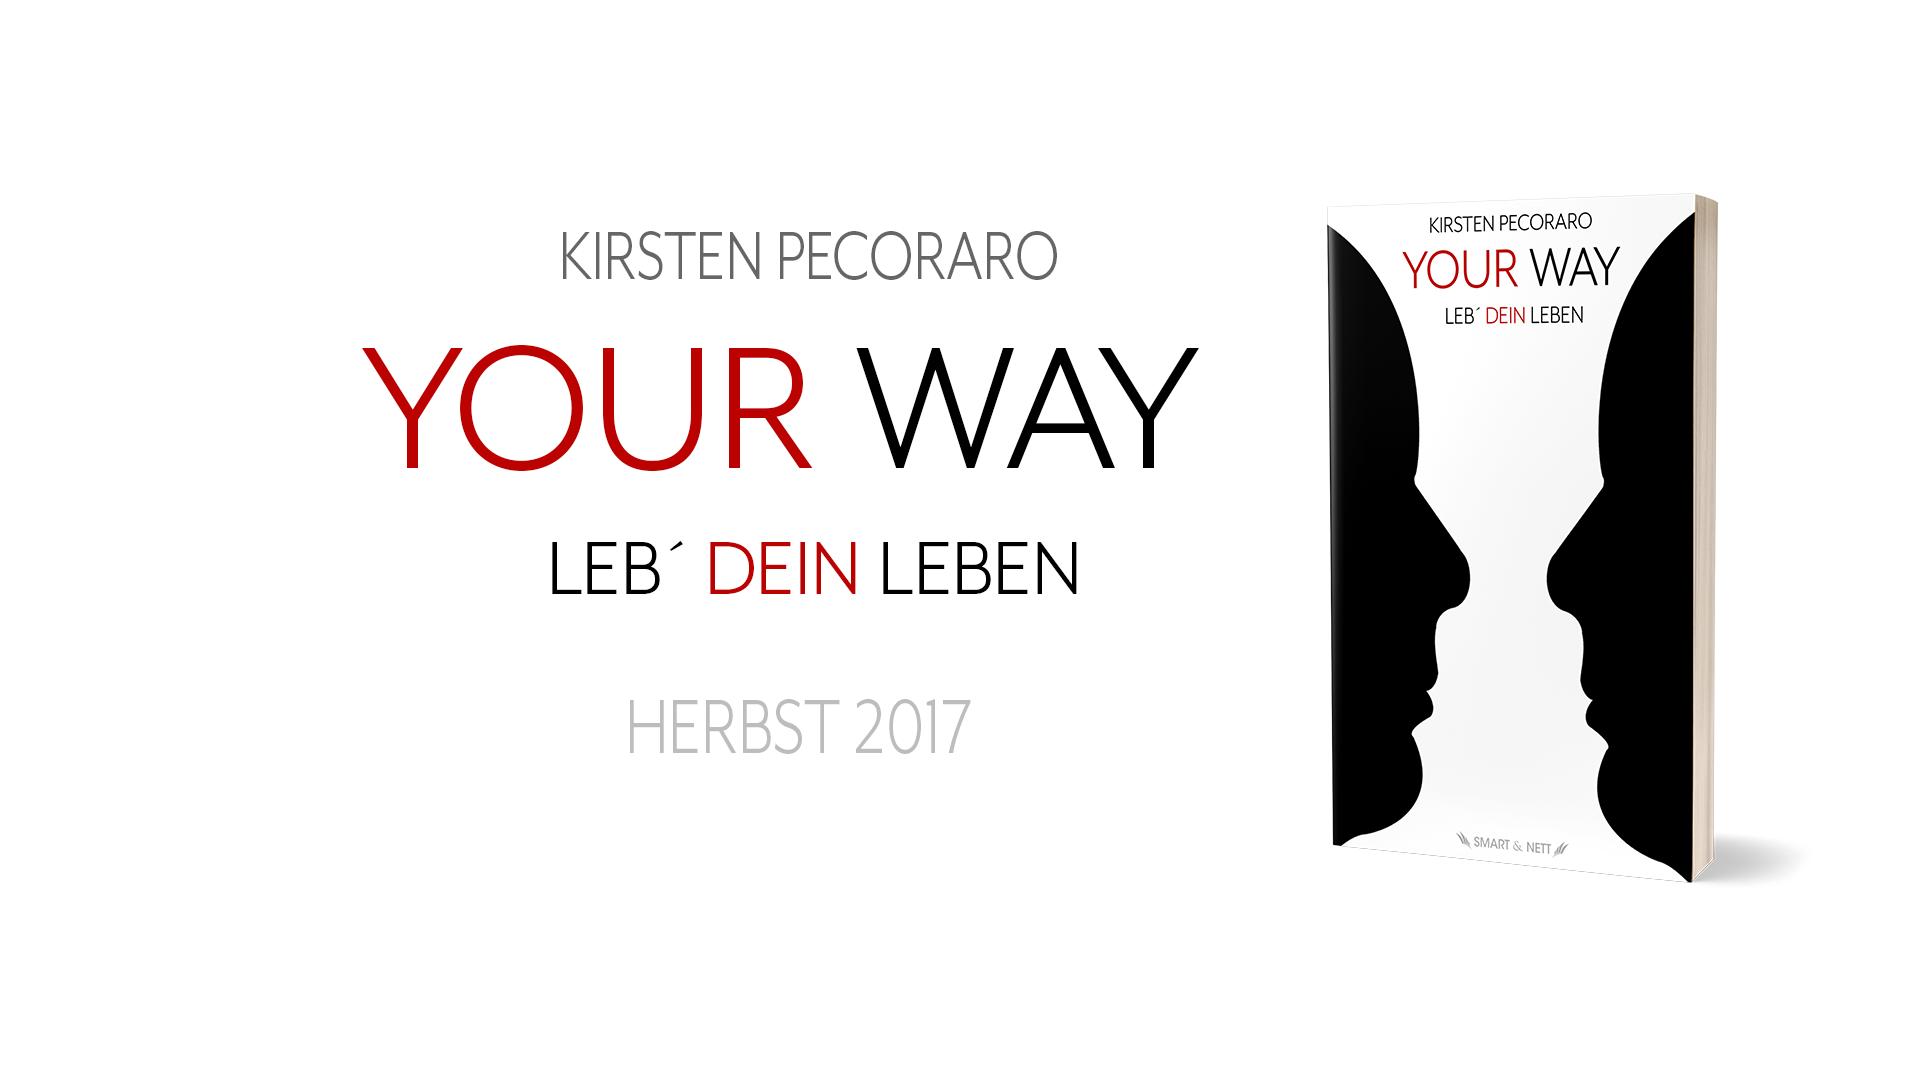 Your Way   Kirsten Pecoraro   Smart & Nett Verlag